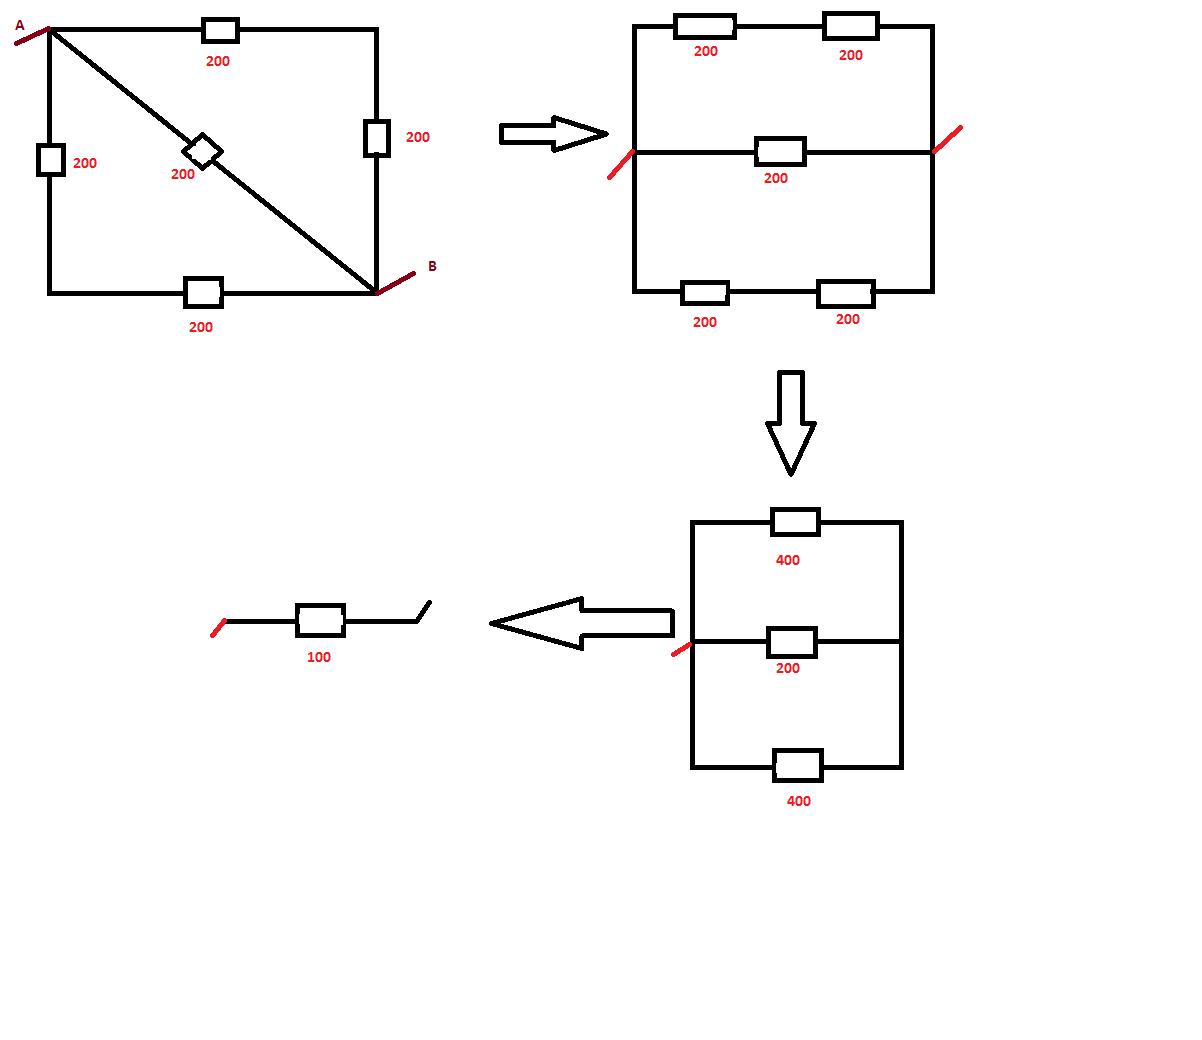 Cinco Resistores De 200 Ohm Cada Sao Ligados Formando Um Quadrado Com Uma Diagonal Qual A